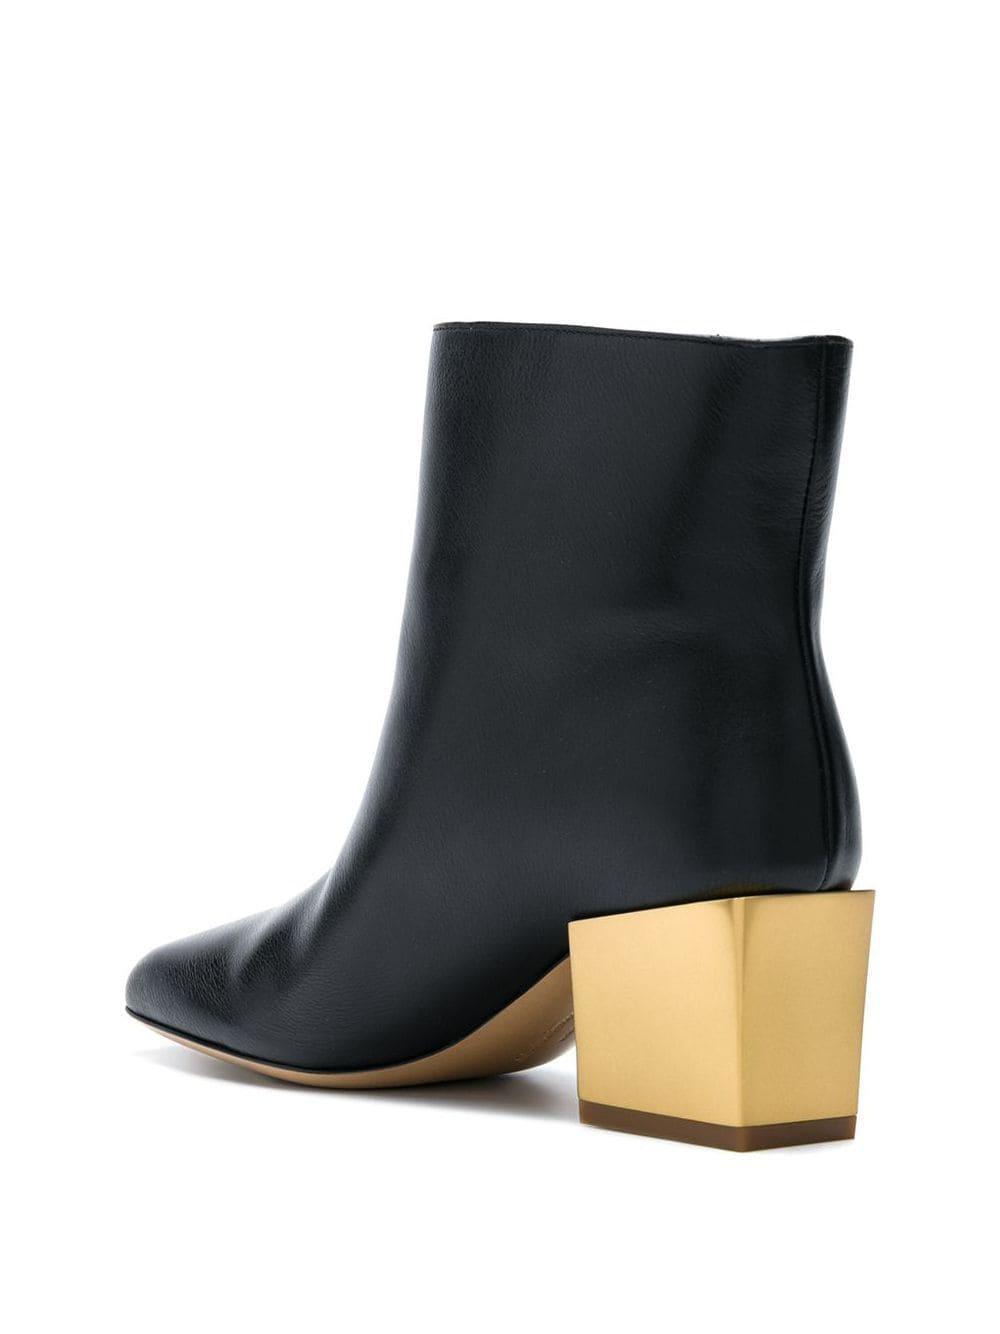 Ferragamo Leather Albiano Ankle Boots in Black